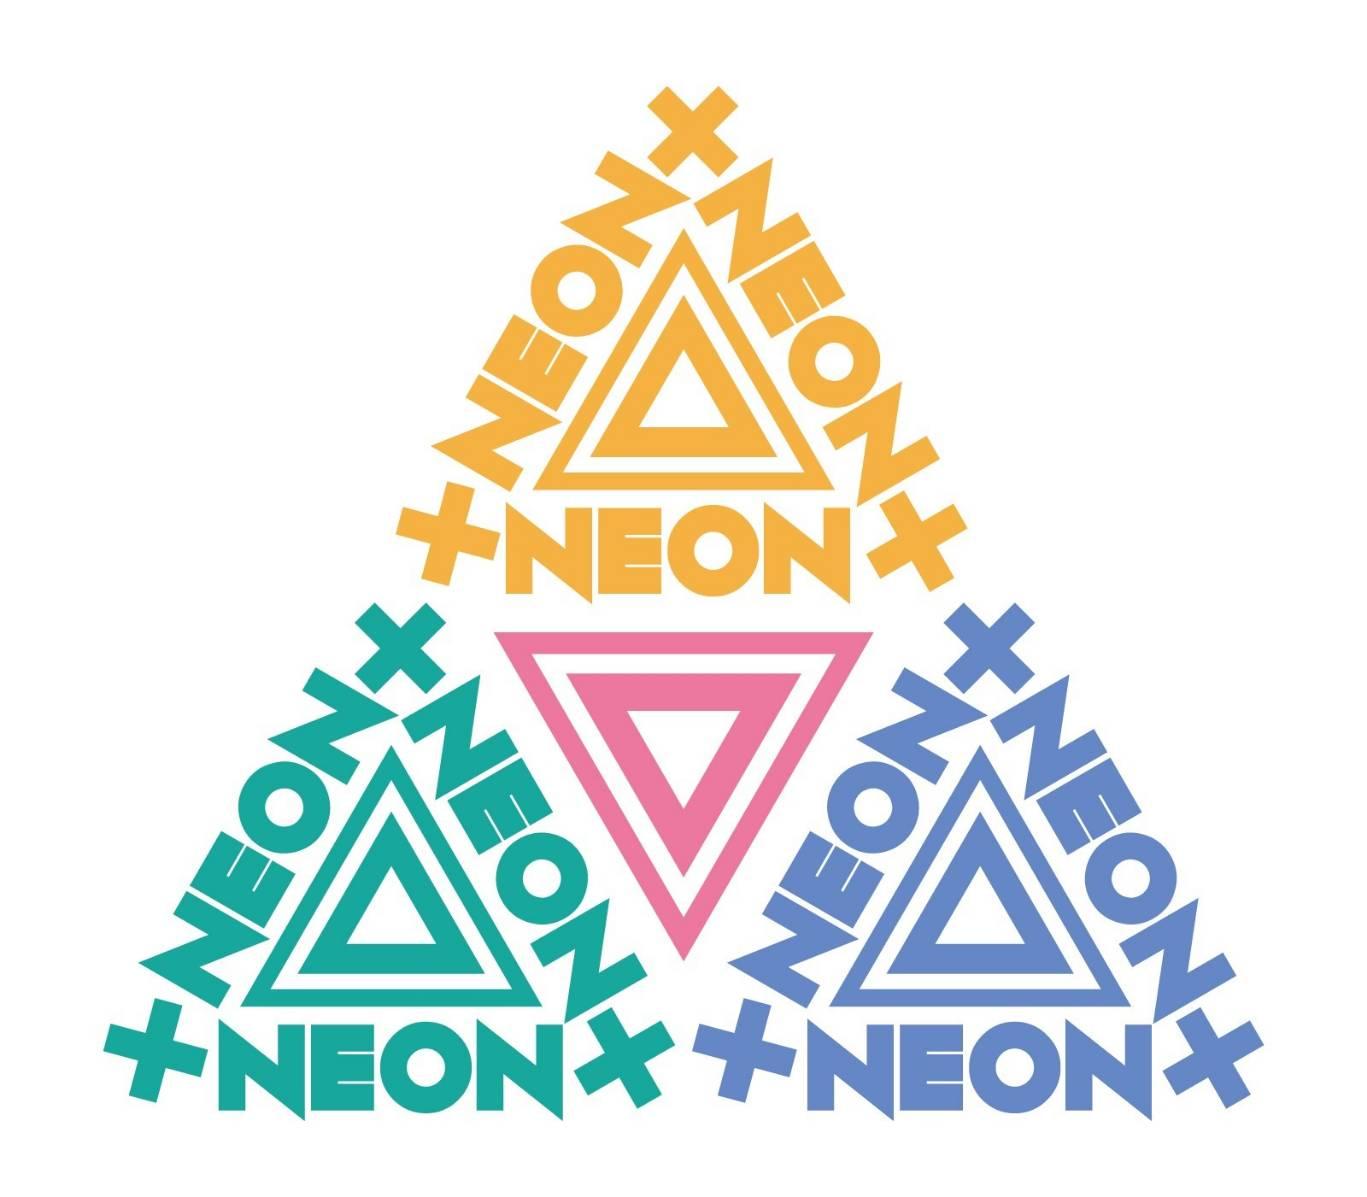 2019年5月29日(水) 『NEON×NEON×NEON』